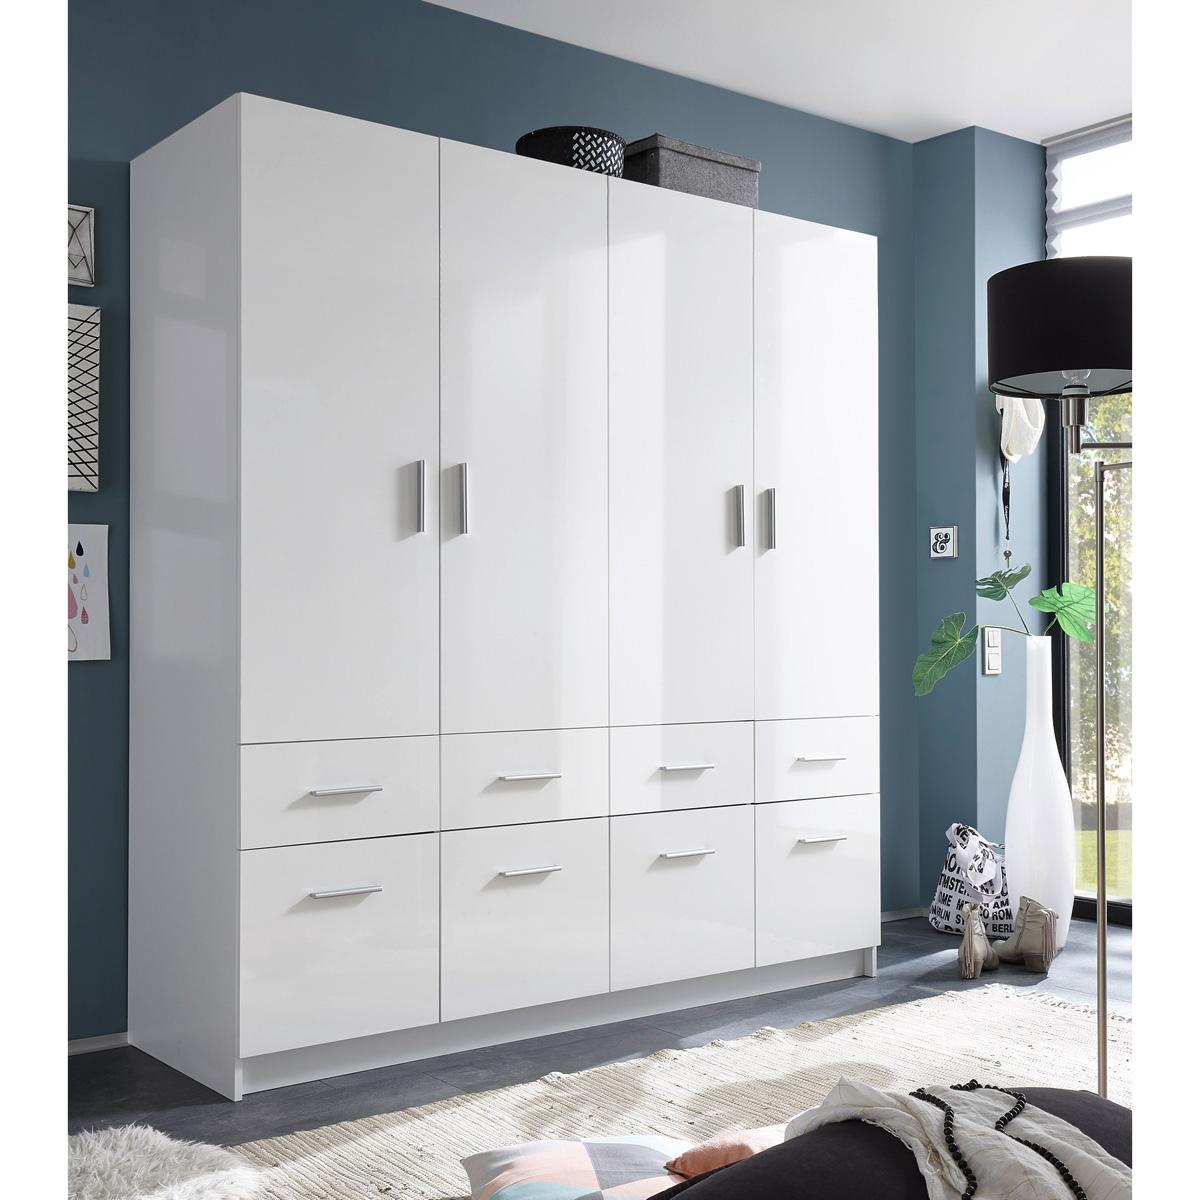 kleiderschrank hagen dreht renschrank schrank 2 trg 3 trg 4 trg wei hochglanz ebay. Black Bedroom Furniture Sets. Home Design Ideas